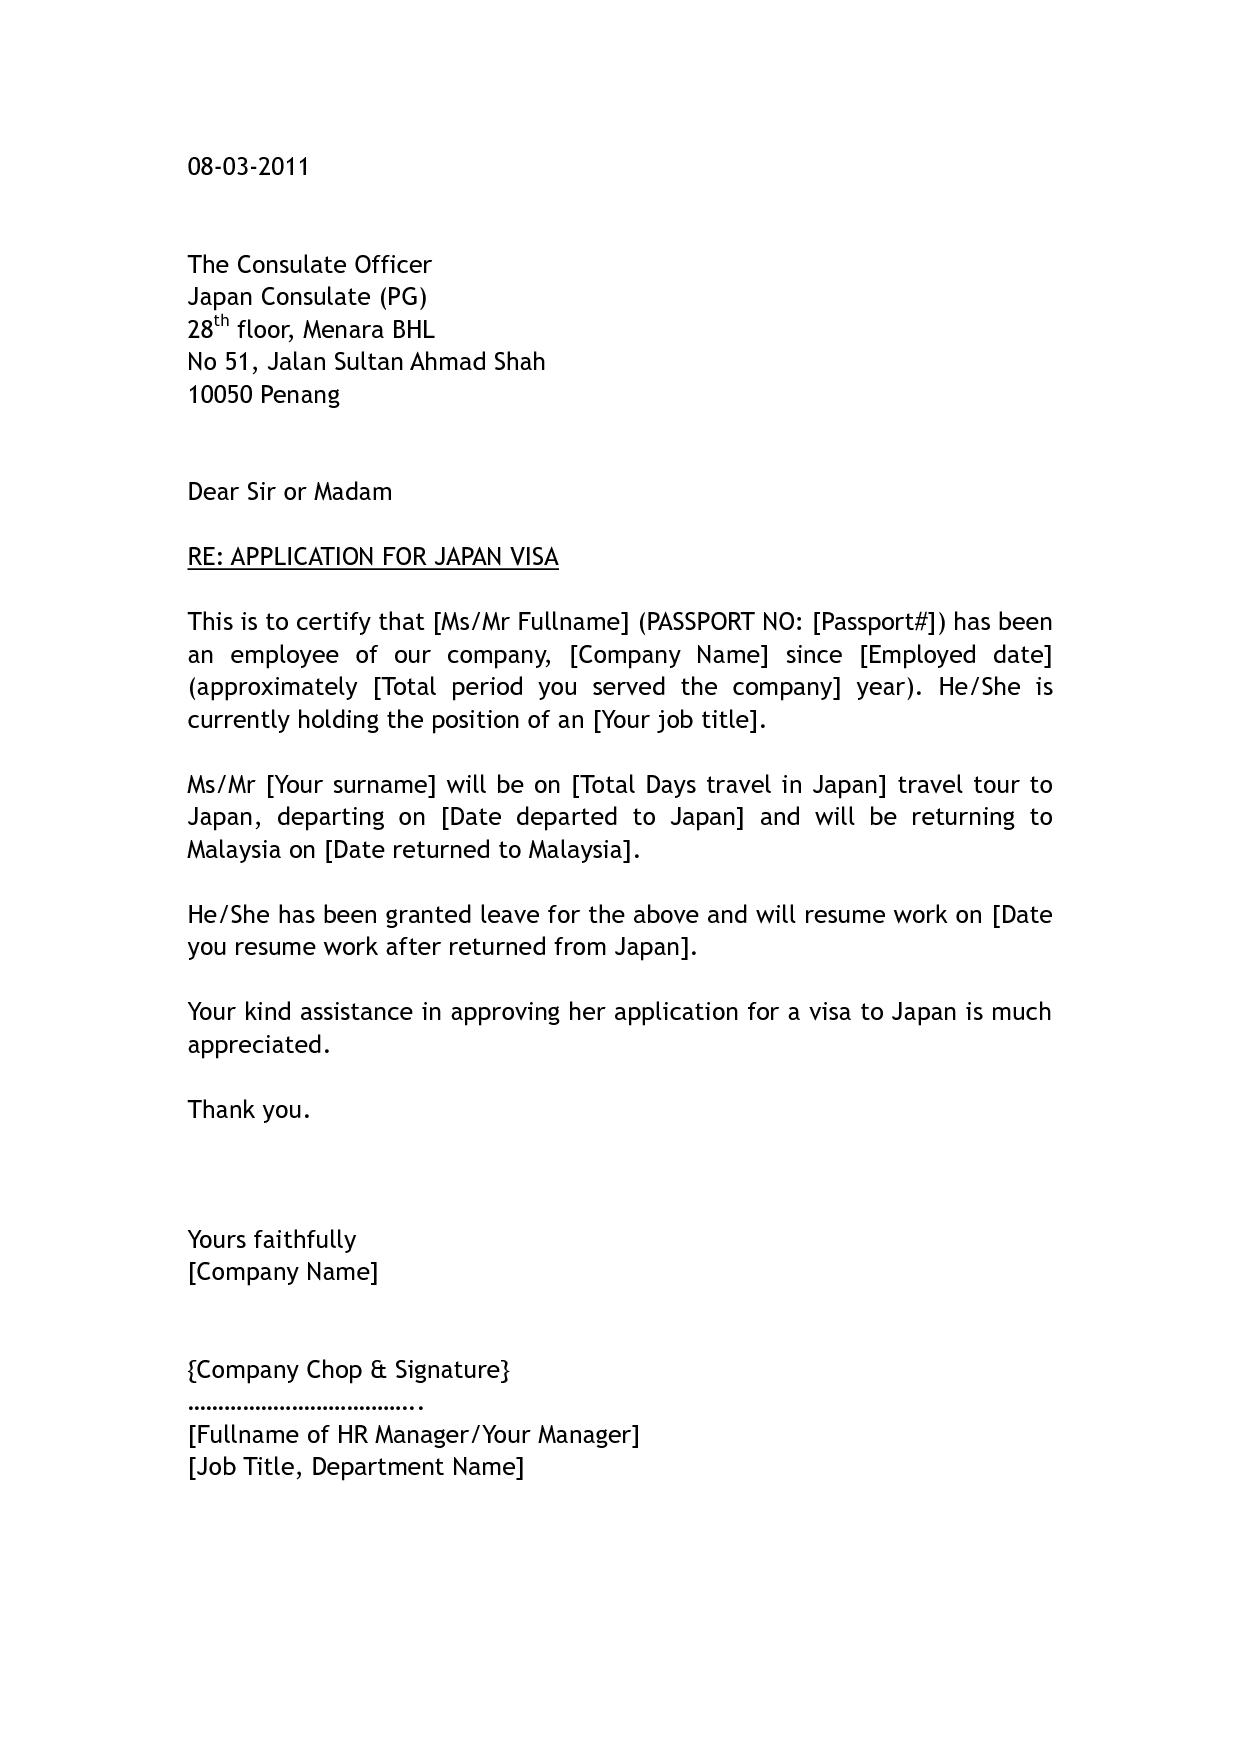 Cover letter format visa application sample cover letter for visa application thailand cover spiritdancerdesigns Images